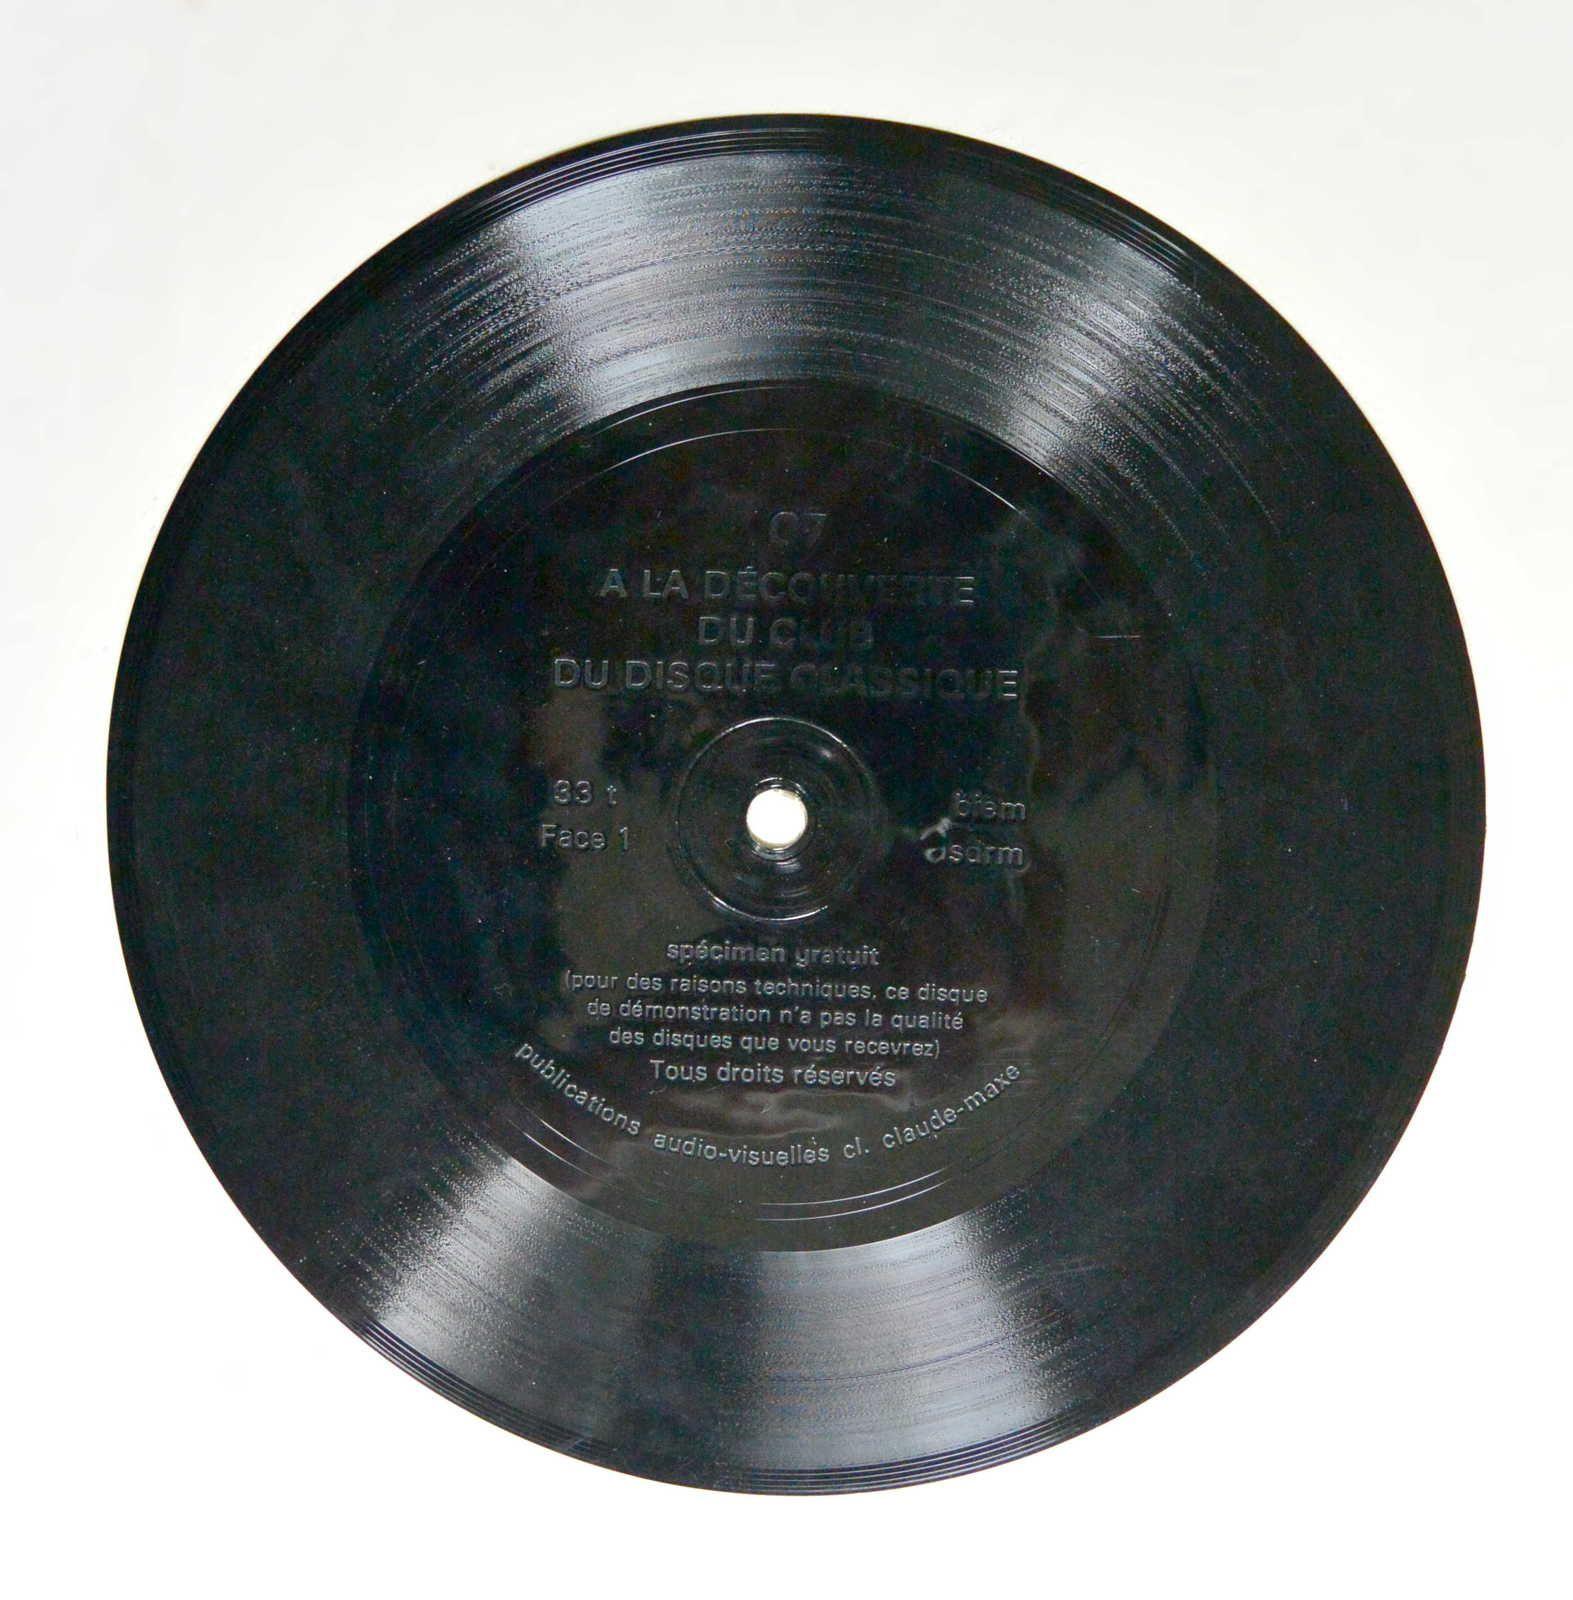 Disque vinyle 45T &quot&#x3B;A la découverte du club du disque classique - C7&quot&#x3B;